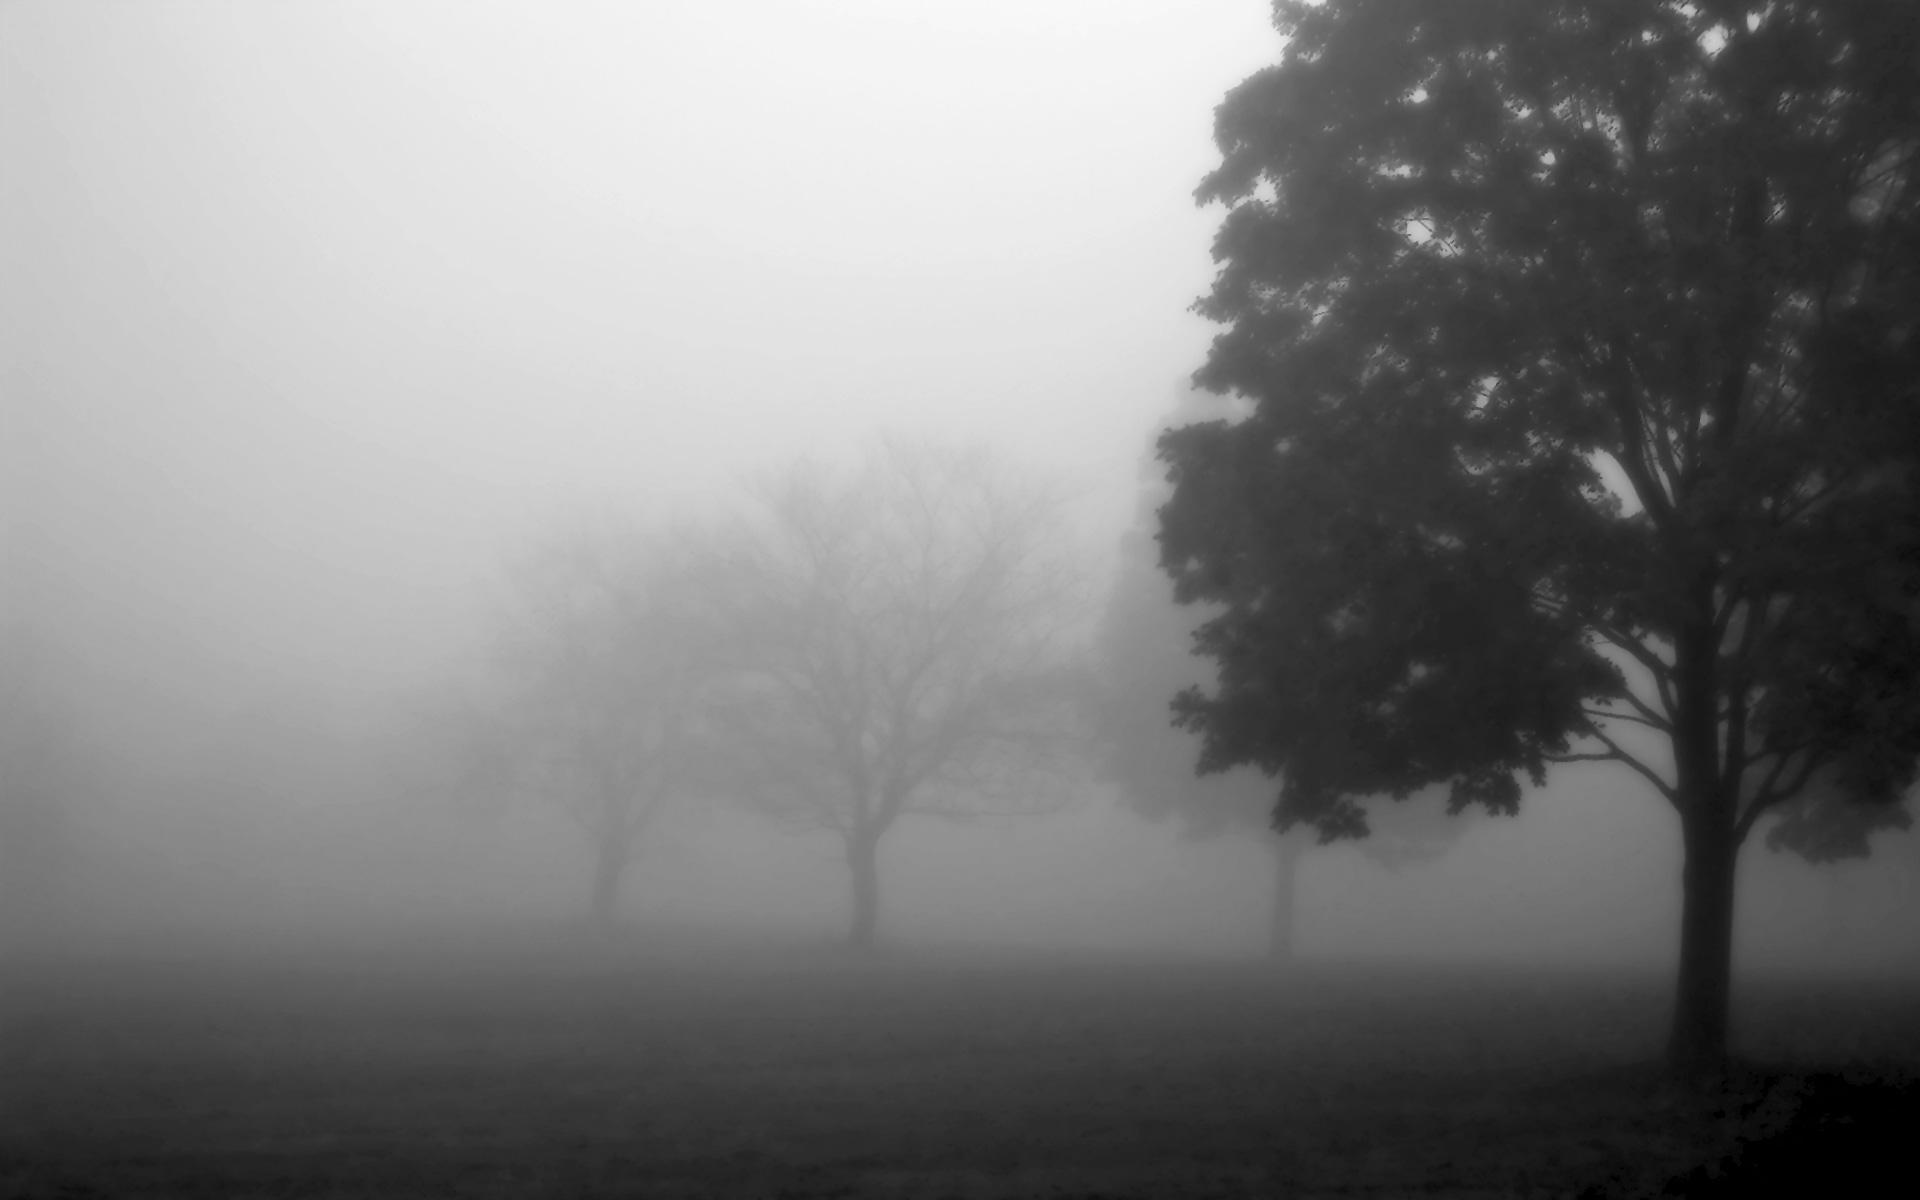 طقس اليوم: ضباب خفيف وسحب كثيفة